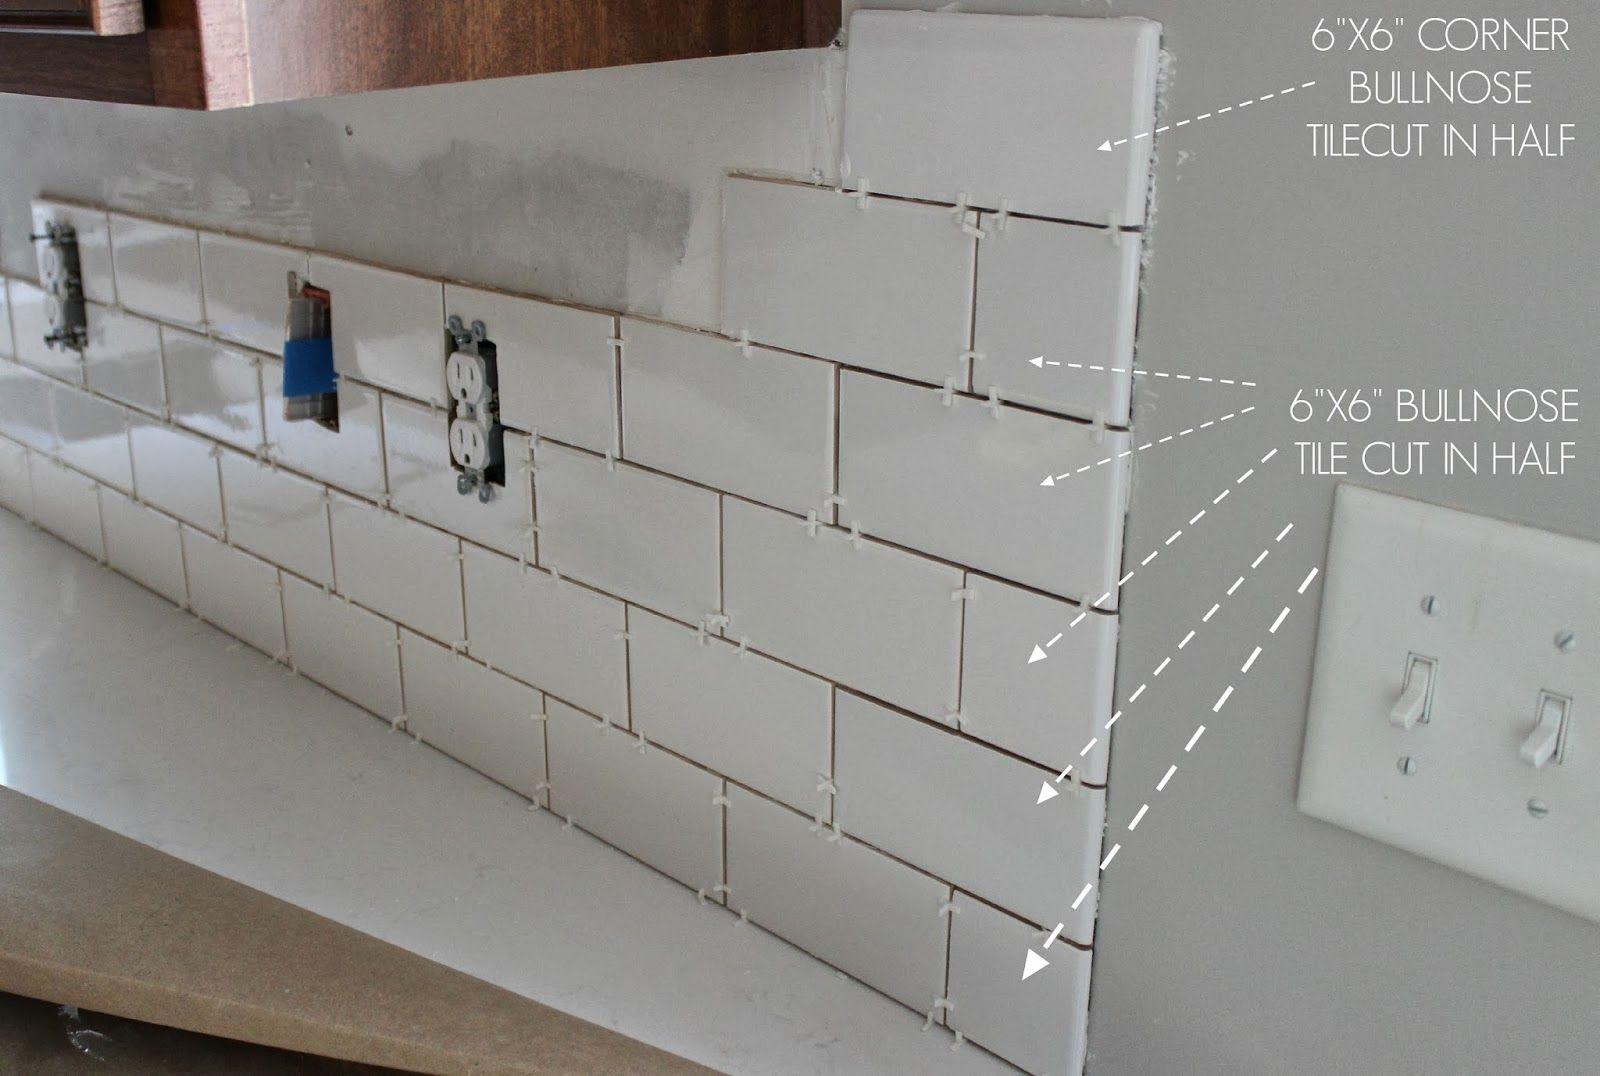 Kitchen Makeover Subway Tile Backsplash Installation Subway Tile Backsplash Kitchen White Subway Tile Kitchen Subway Tile Backsplash